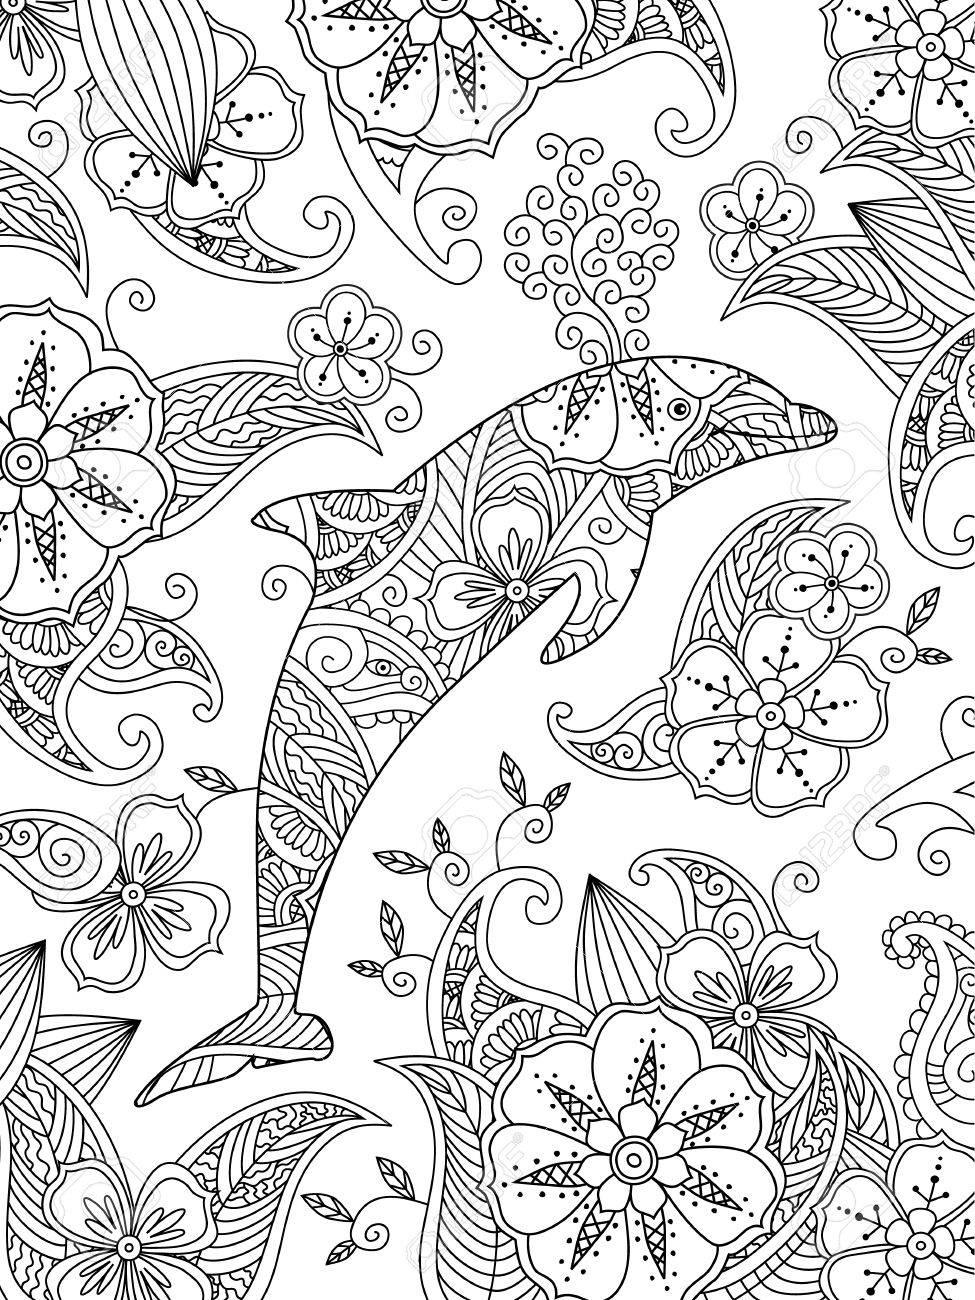 Dibujo Para Colorear Con Un Delfin Saltando Sobre Fondo Floral